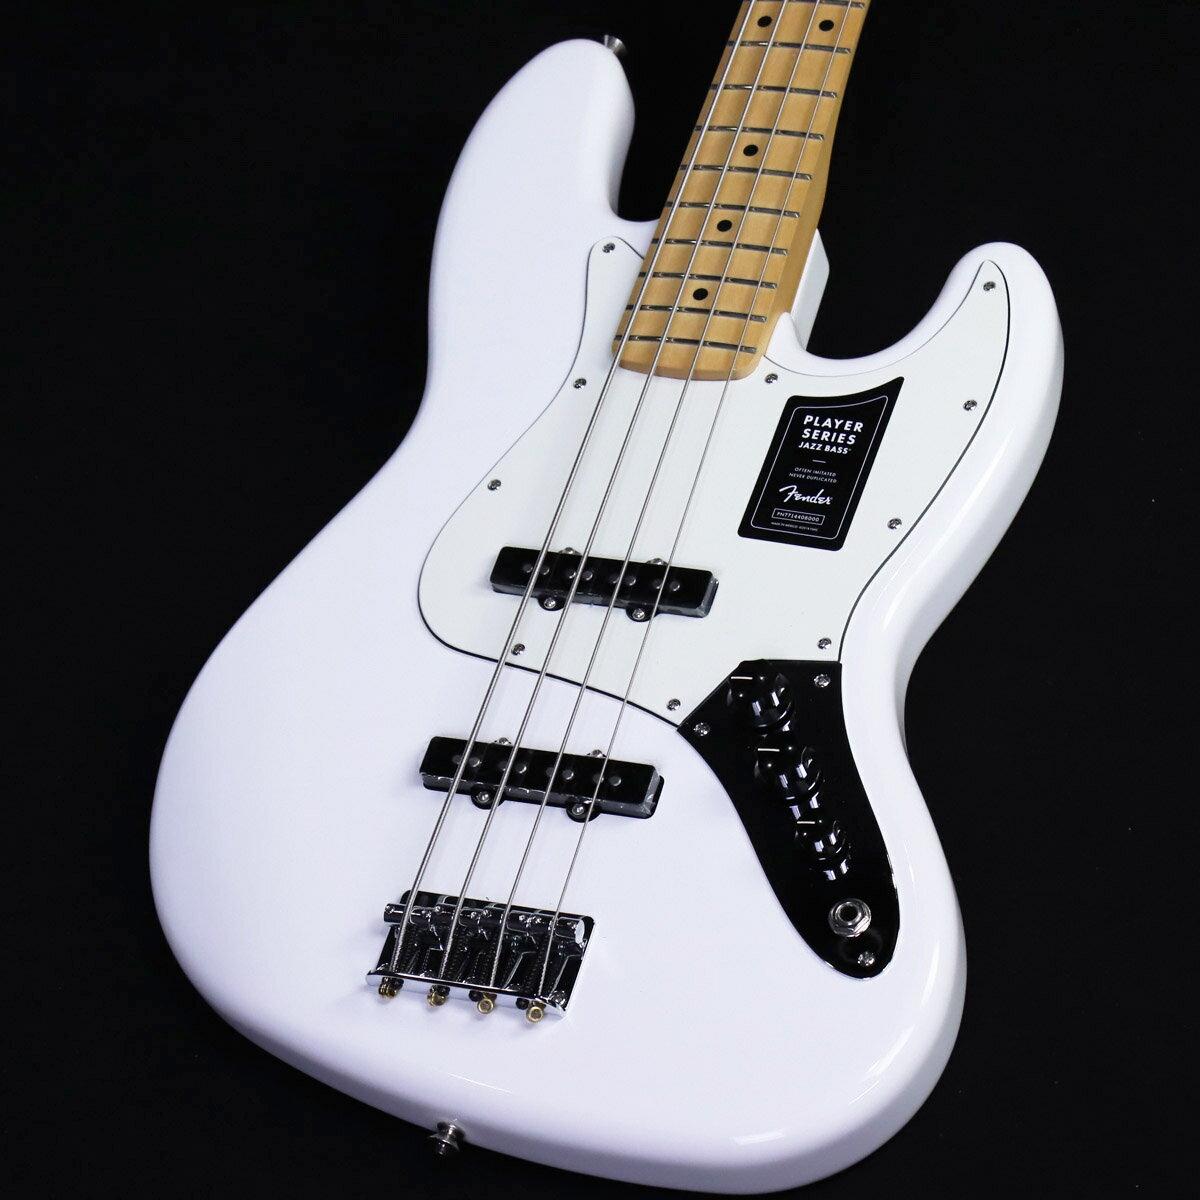 ベース, エレキベース Fender Player Series Jazz Bass Polar White Maple Fingerboard SN:MX21153021 YRK